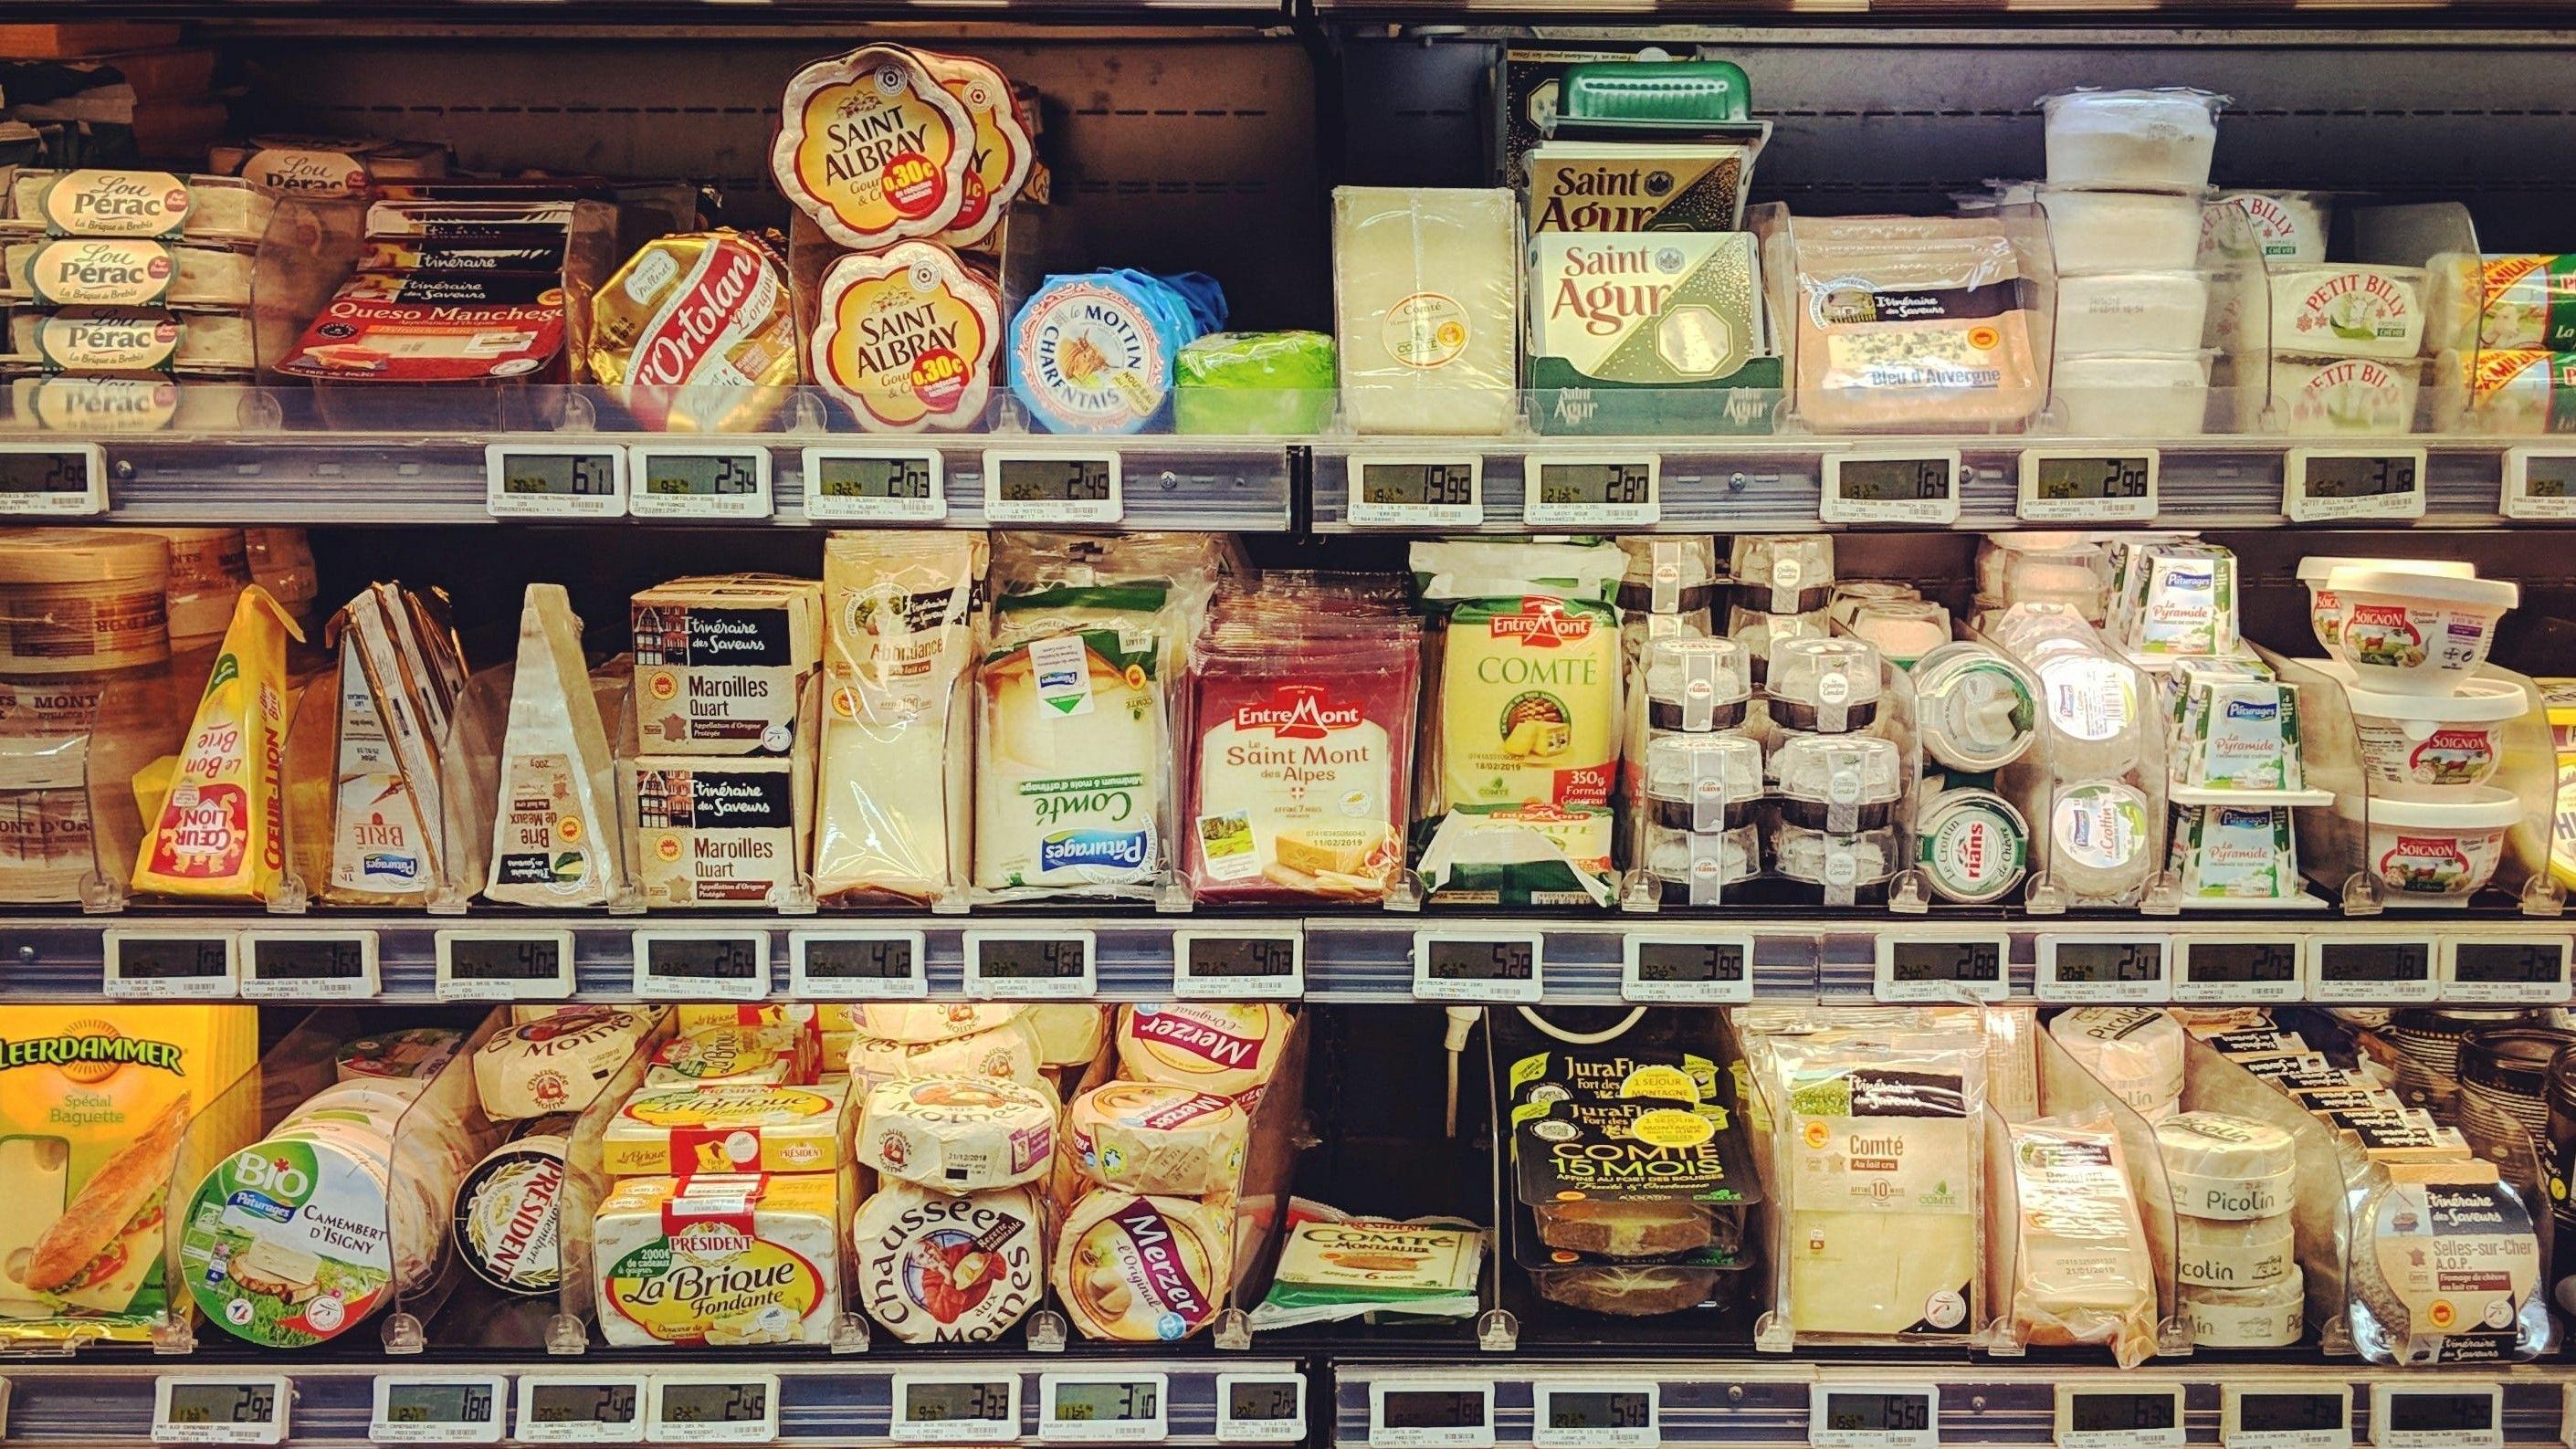 بستههای مواد غذایی و محصولات لبنی در یخچال فروشگاه